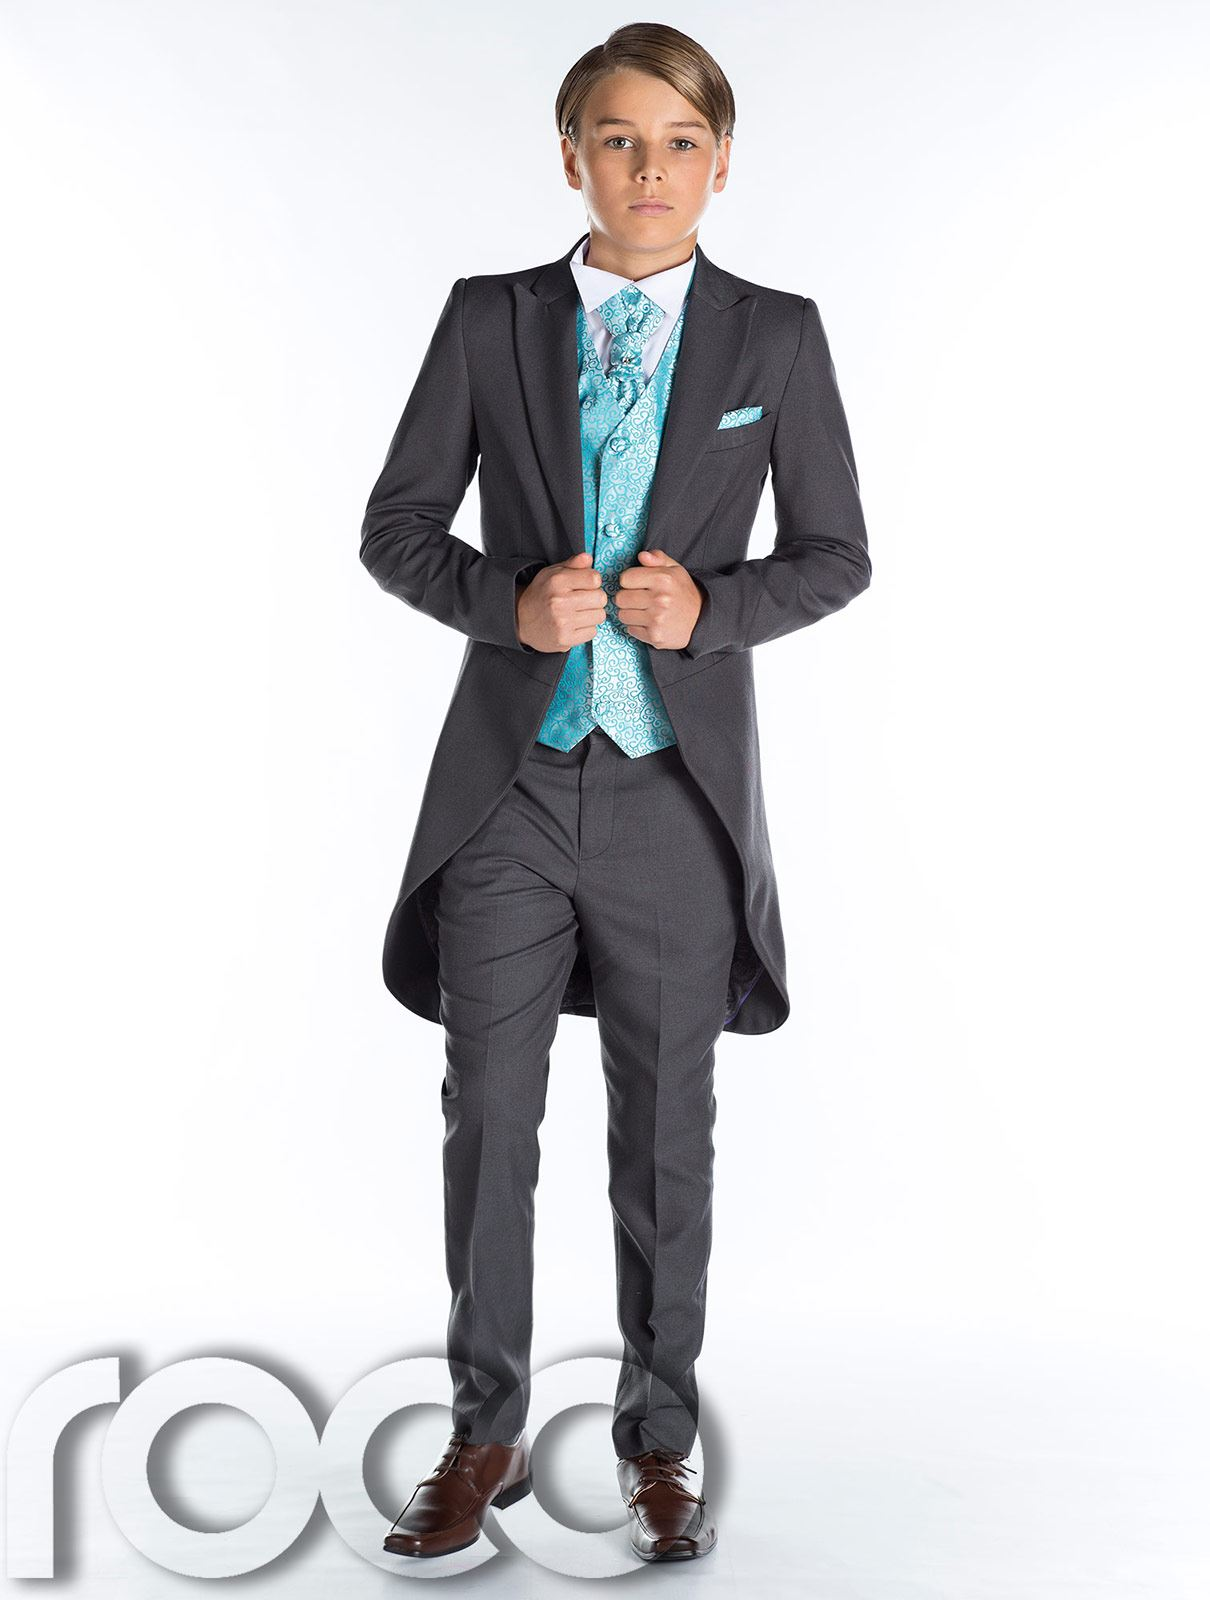 grau Frack Anzug, Jungen Hochzeit Outfits, prom-anzug, Seite grauer ...